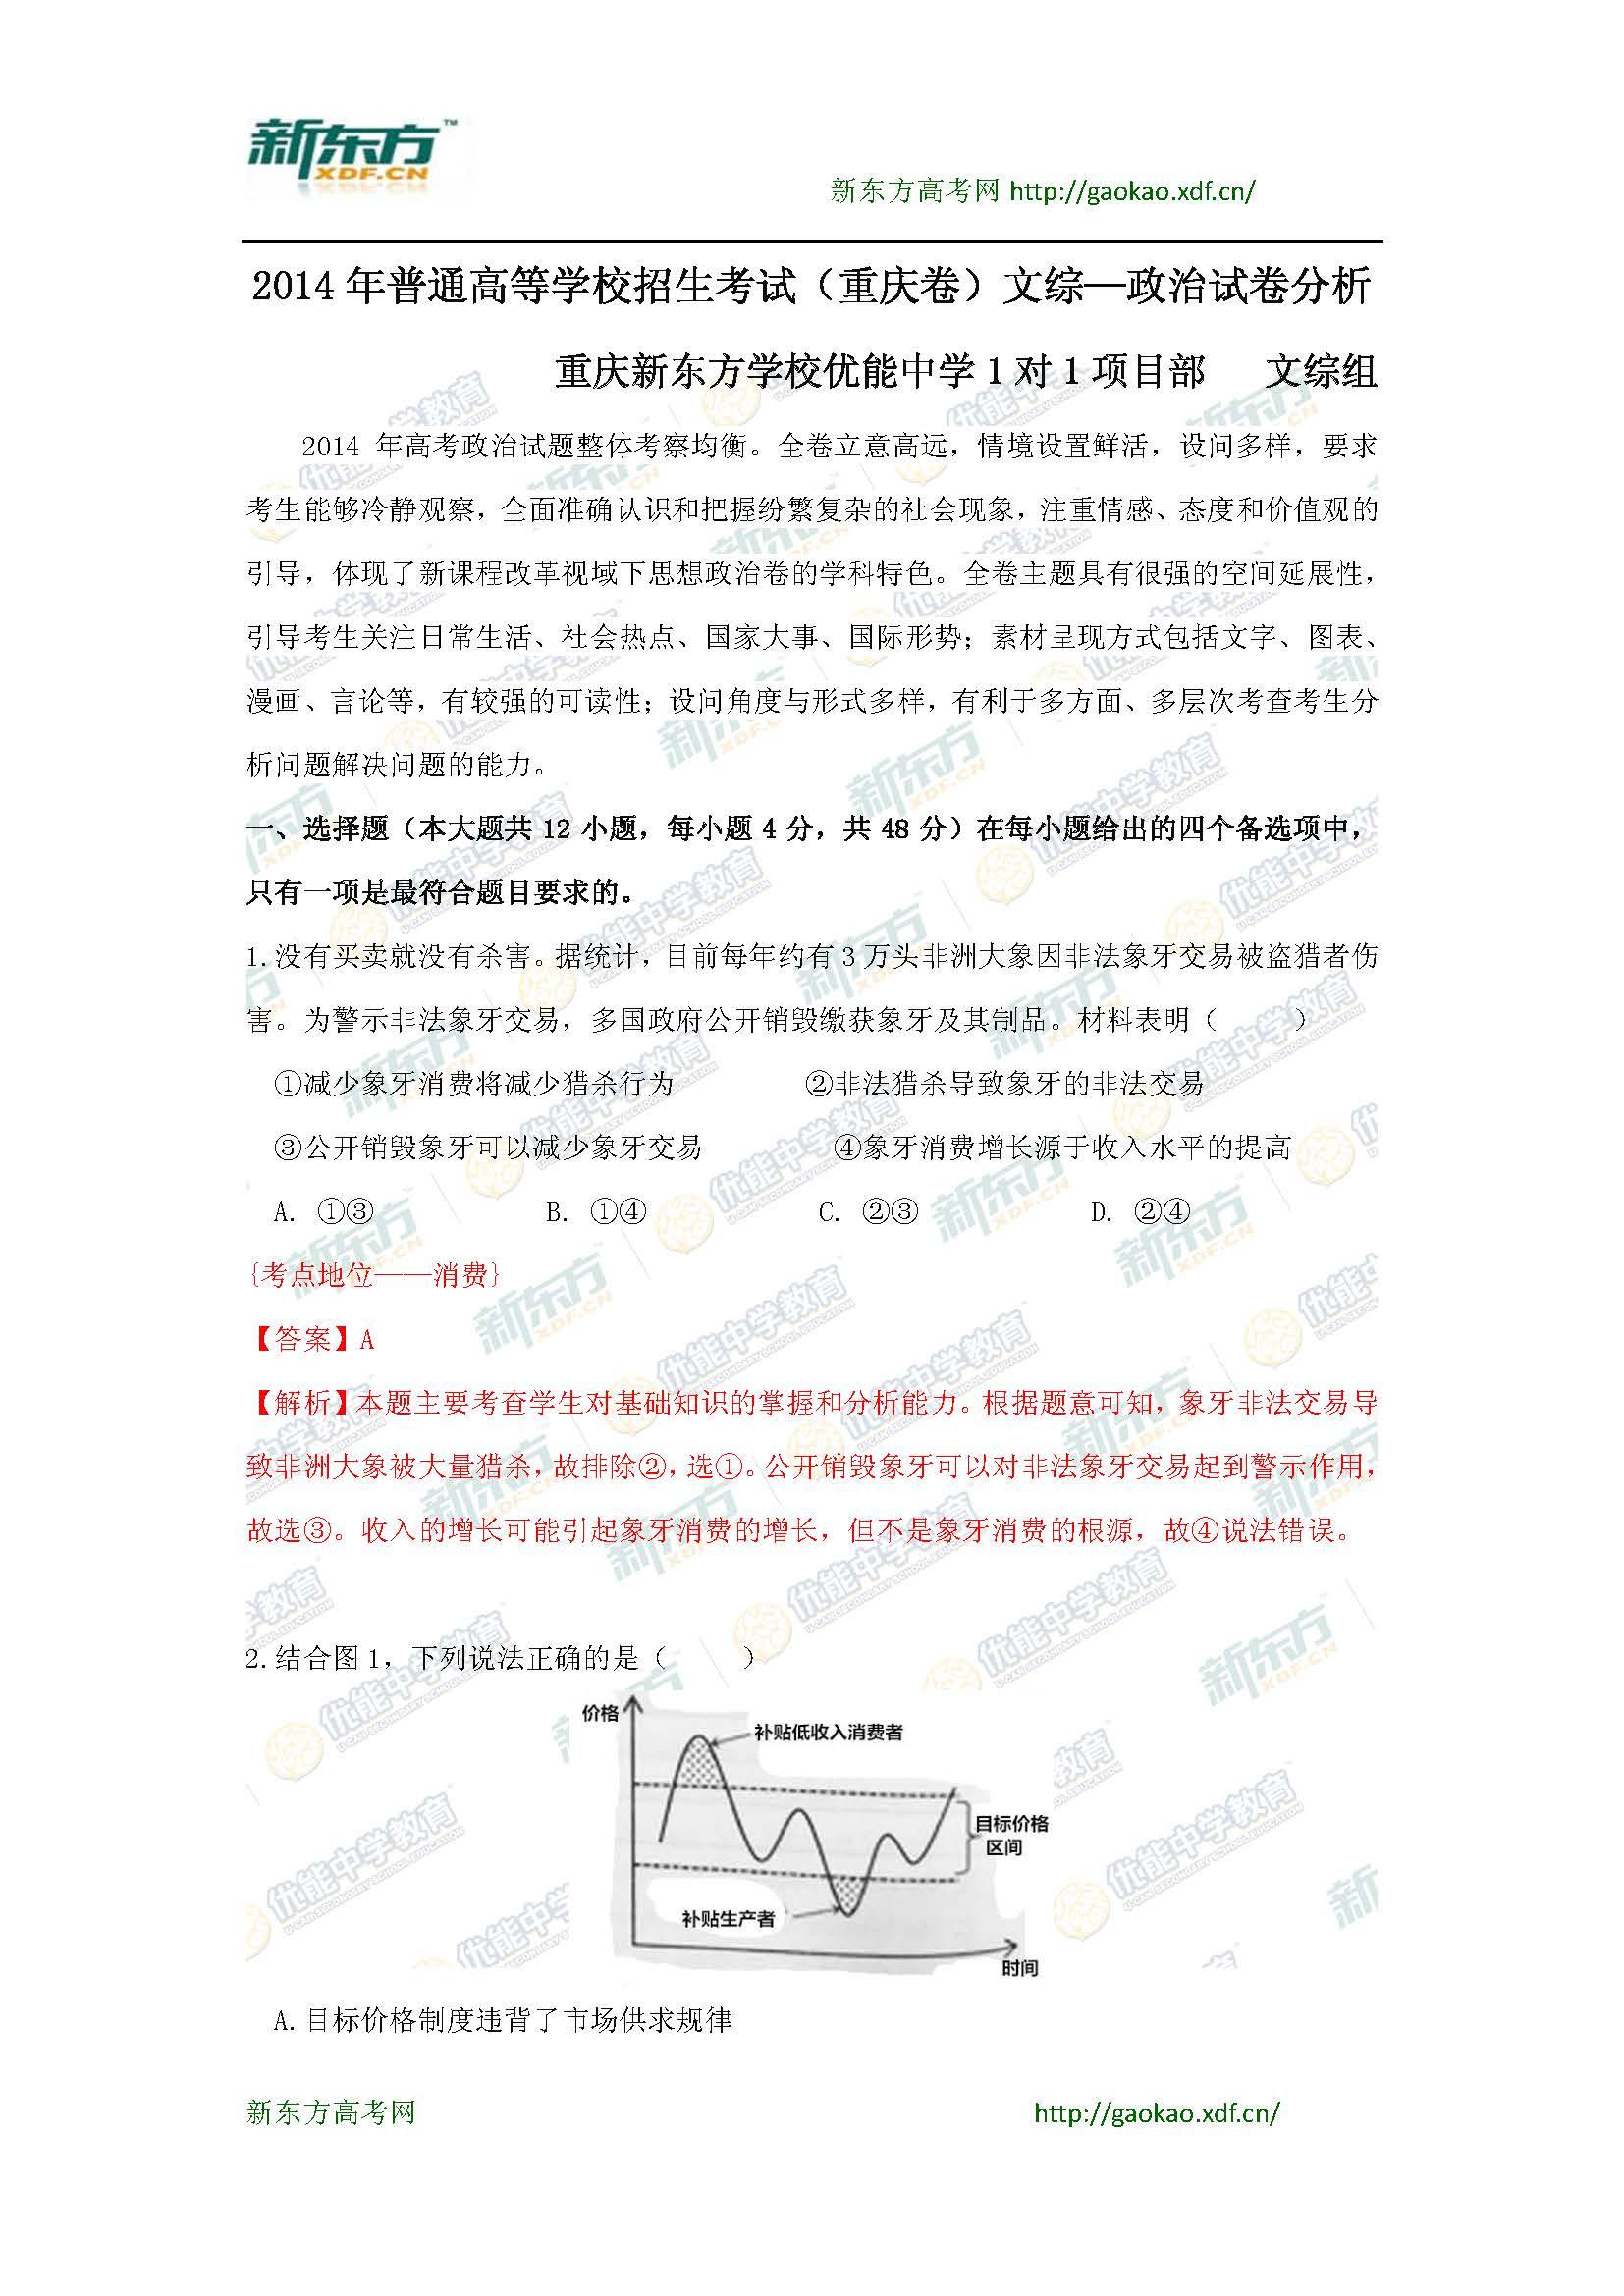 2014重庆高考政治试题及答案(新东方版)